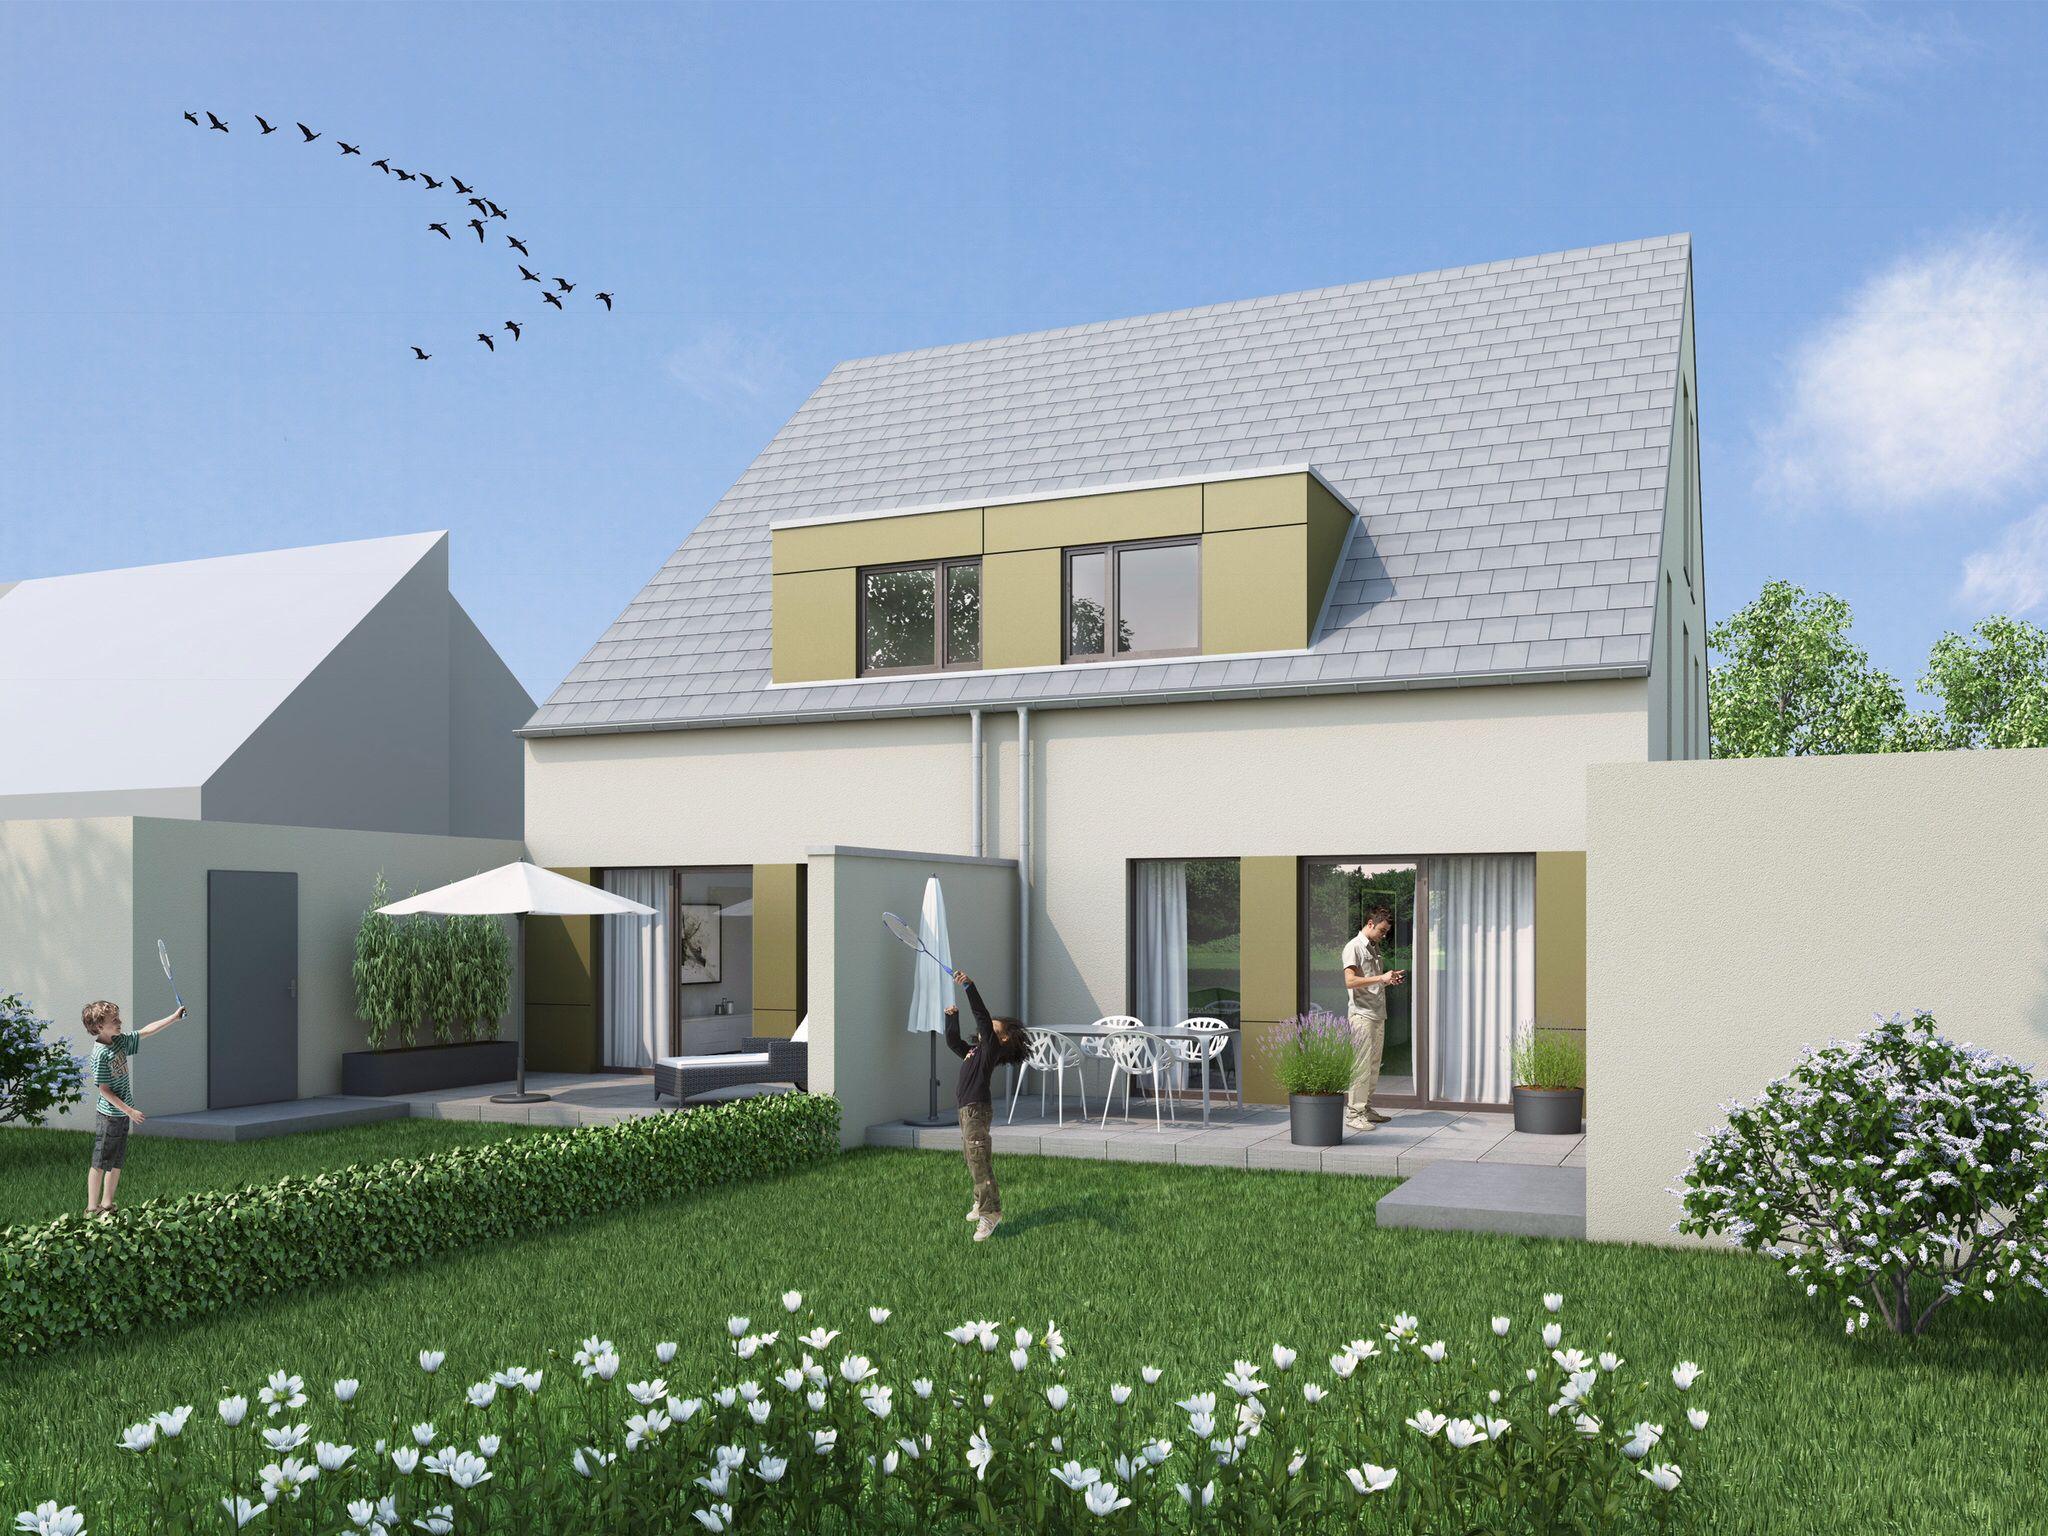 Neubau Doppelhaushälften in Niederkrüchten. www.volksbank-immobilienservice.de